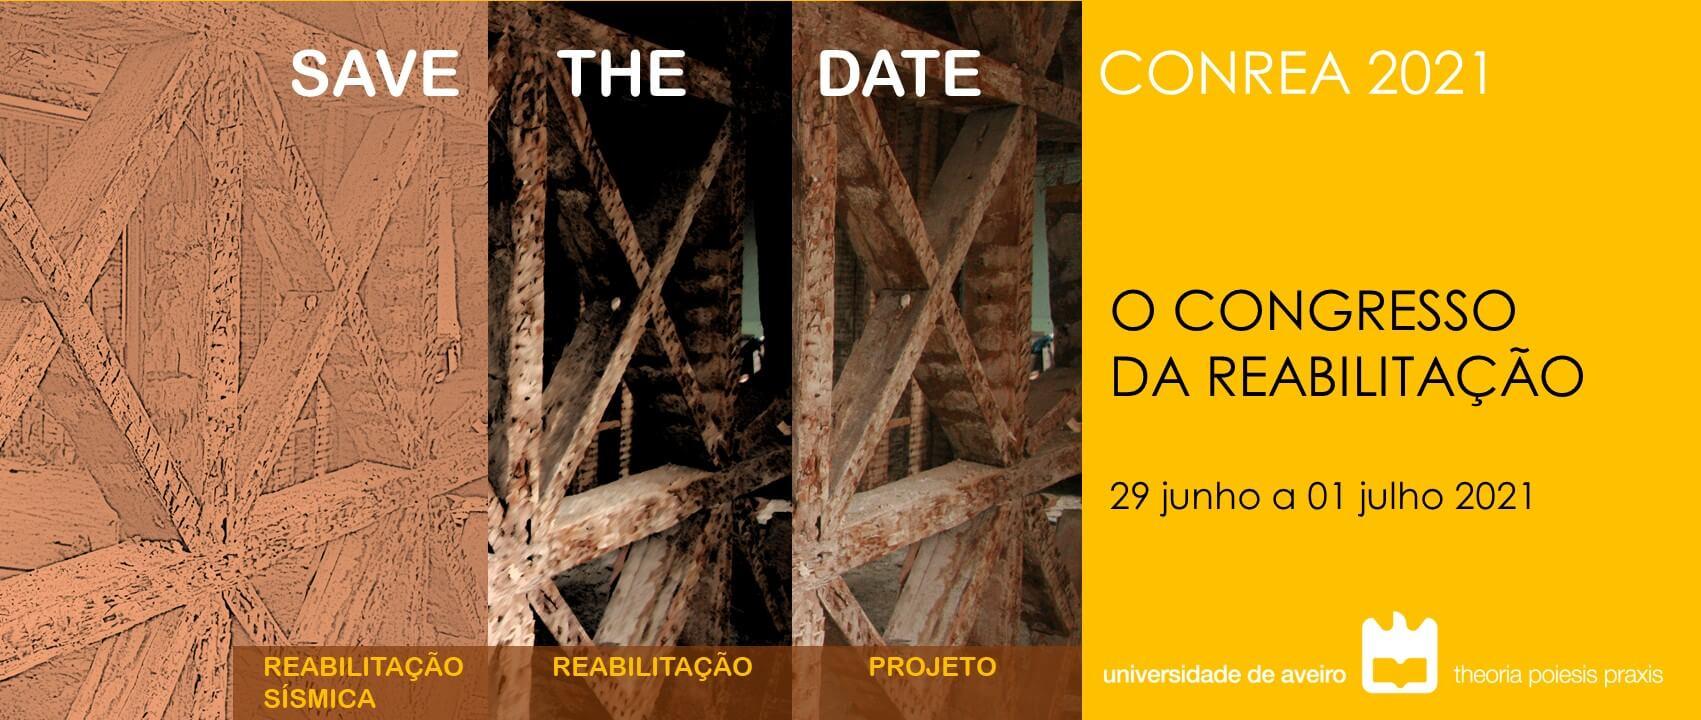 Congresso da Reabilitação CONREA 2021